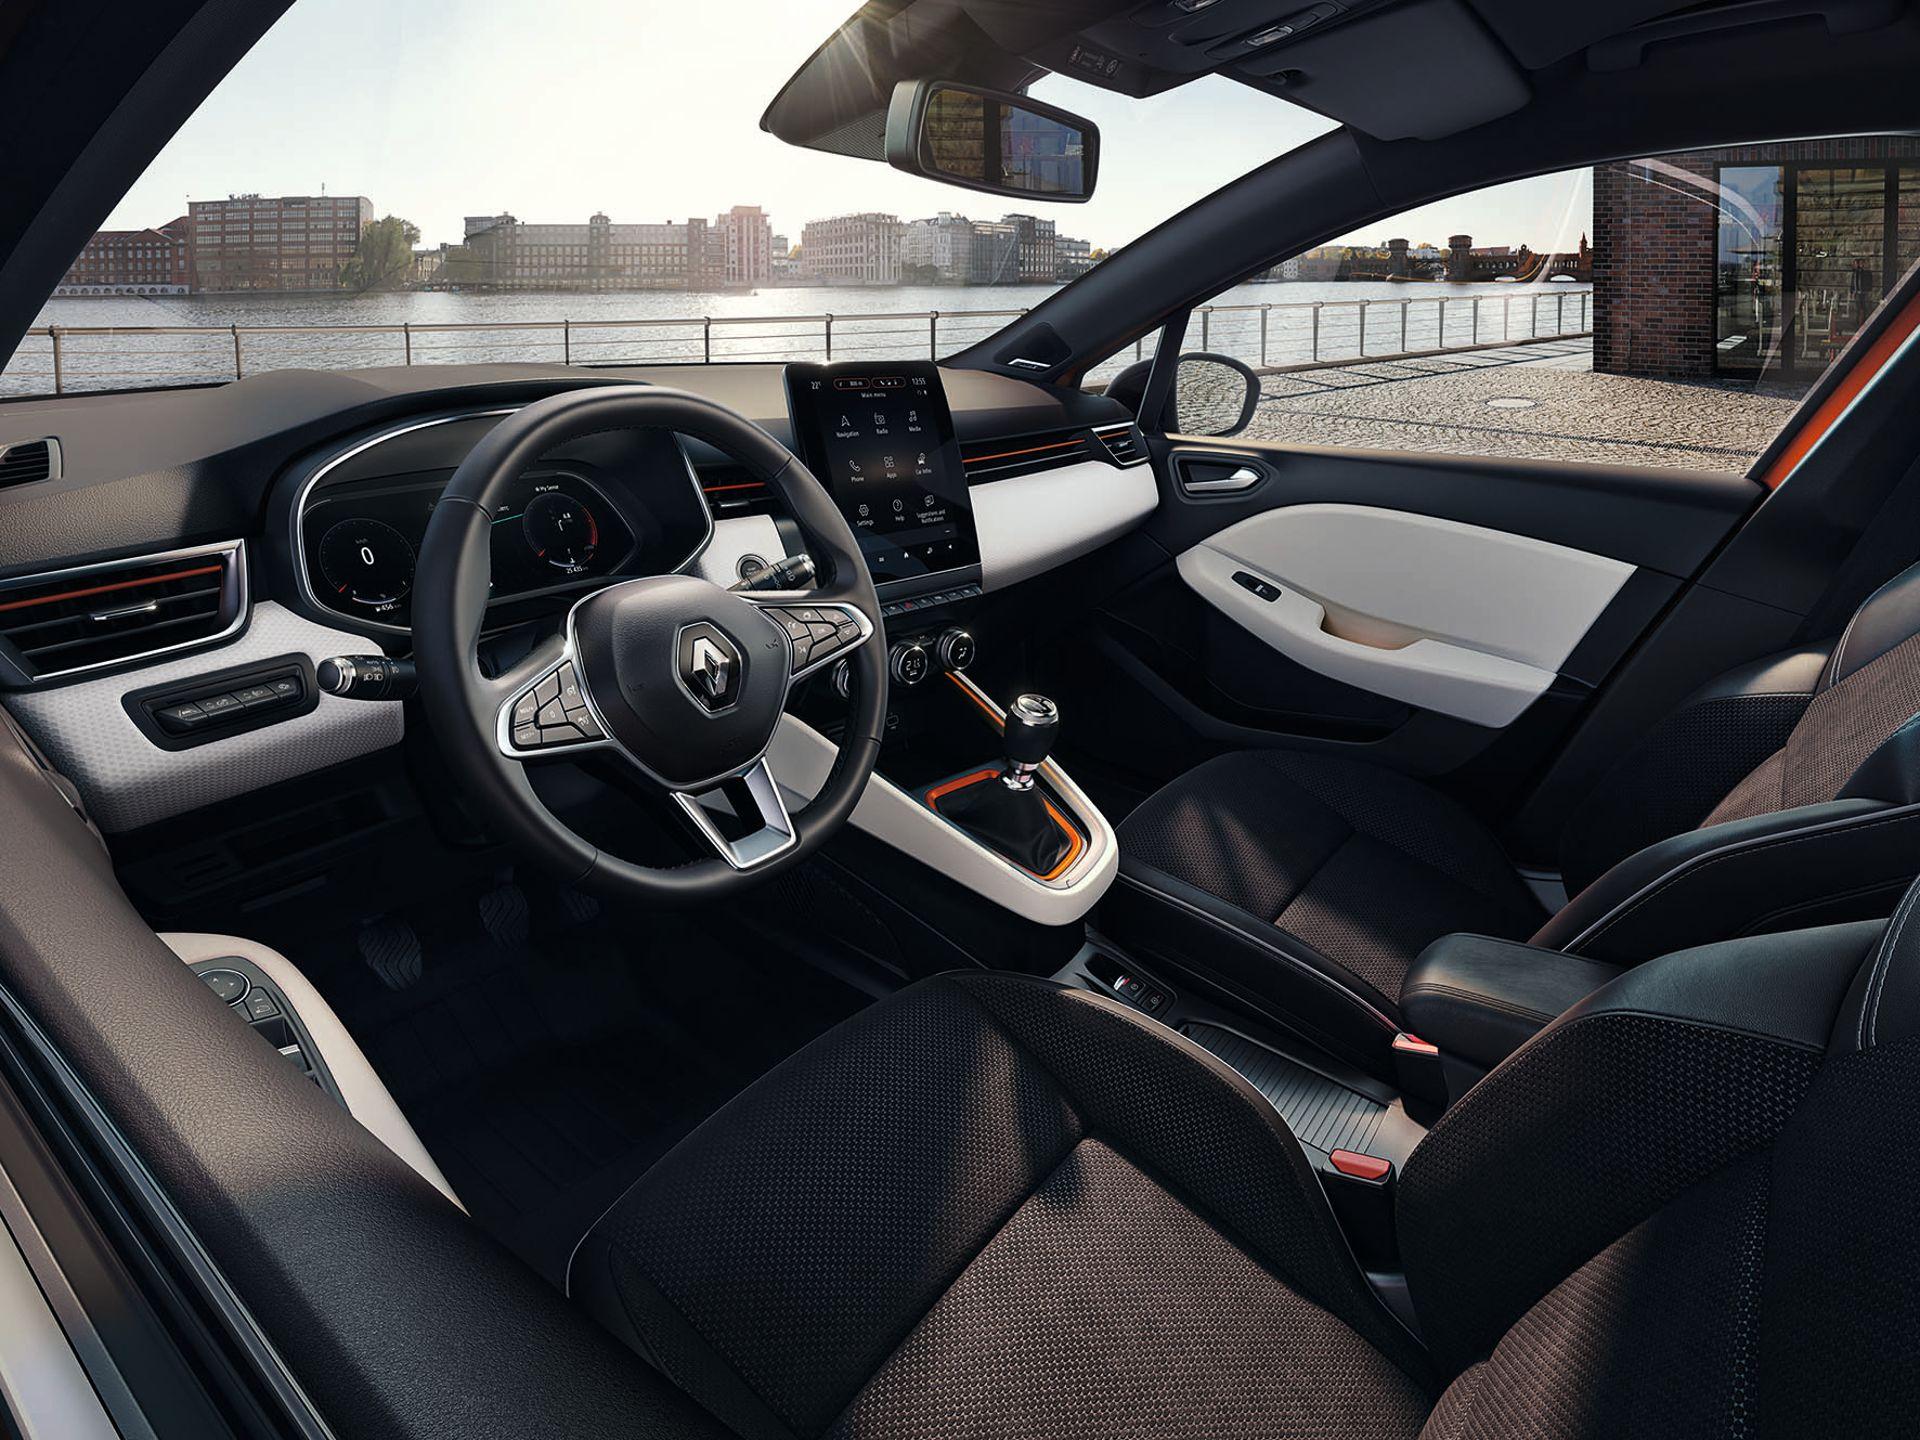 Renault Clio 2019 Interior (1)